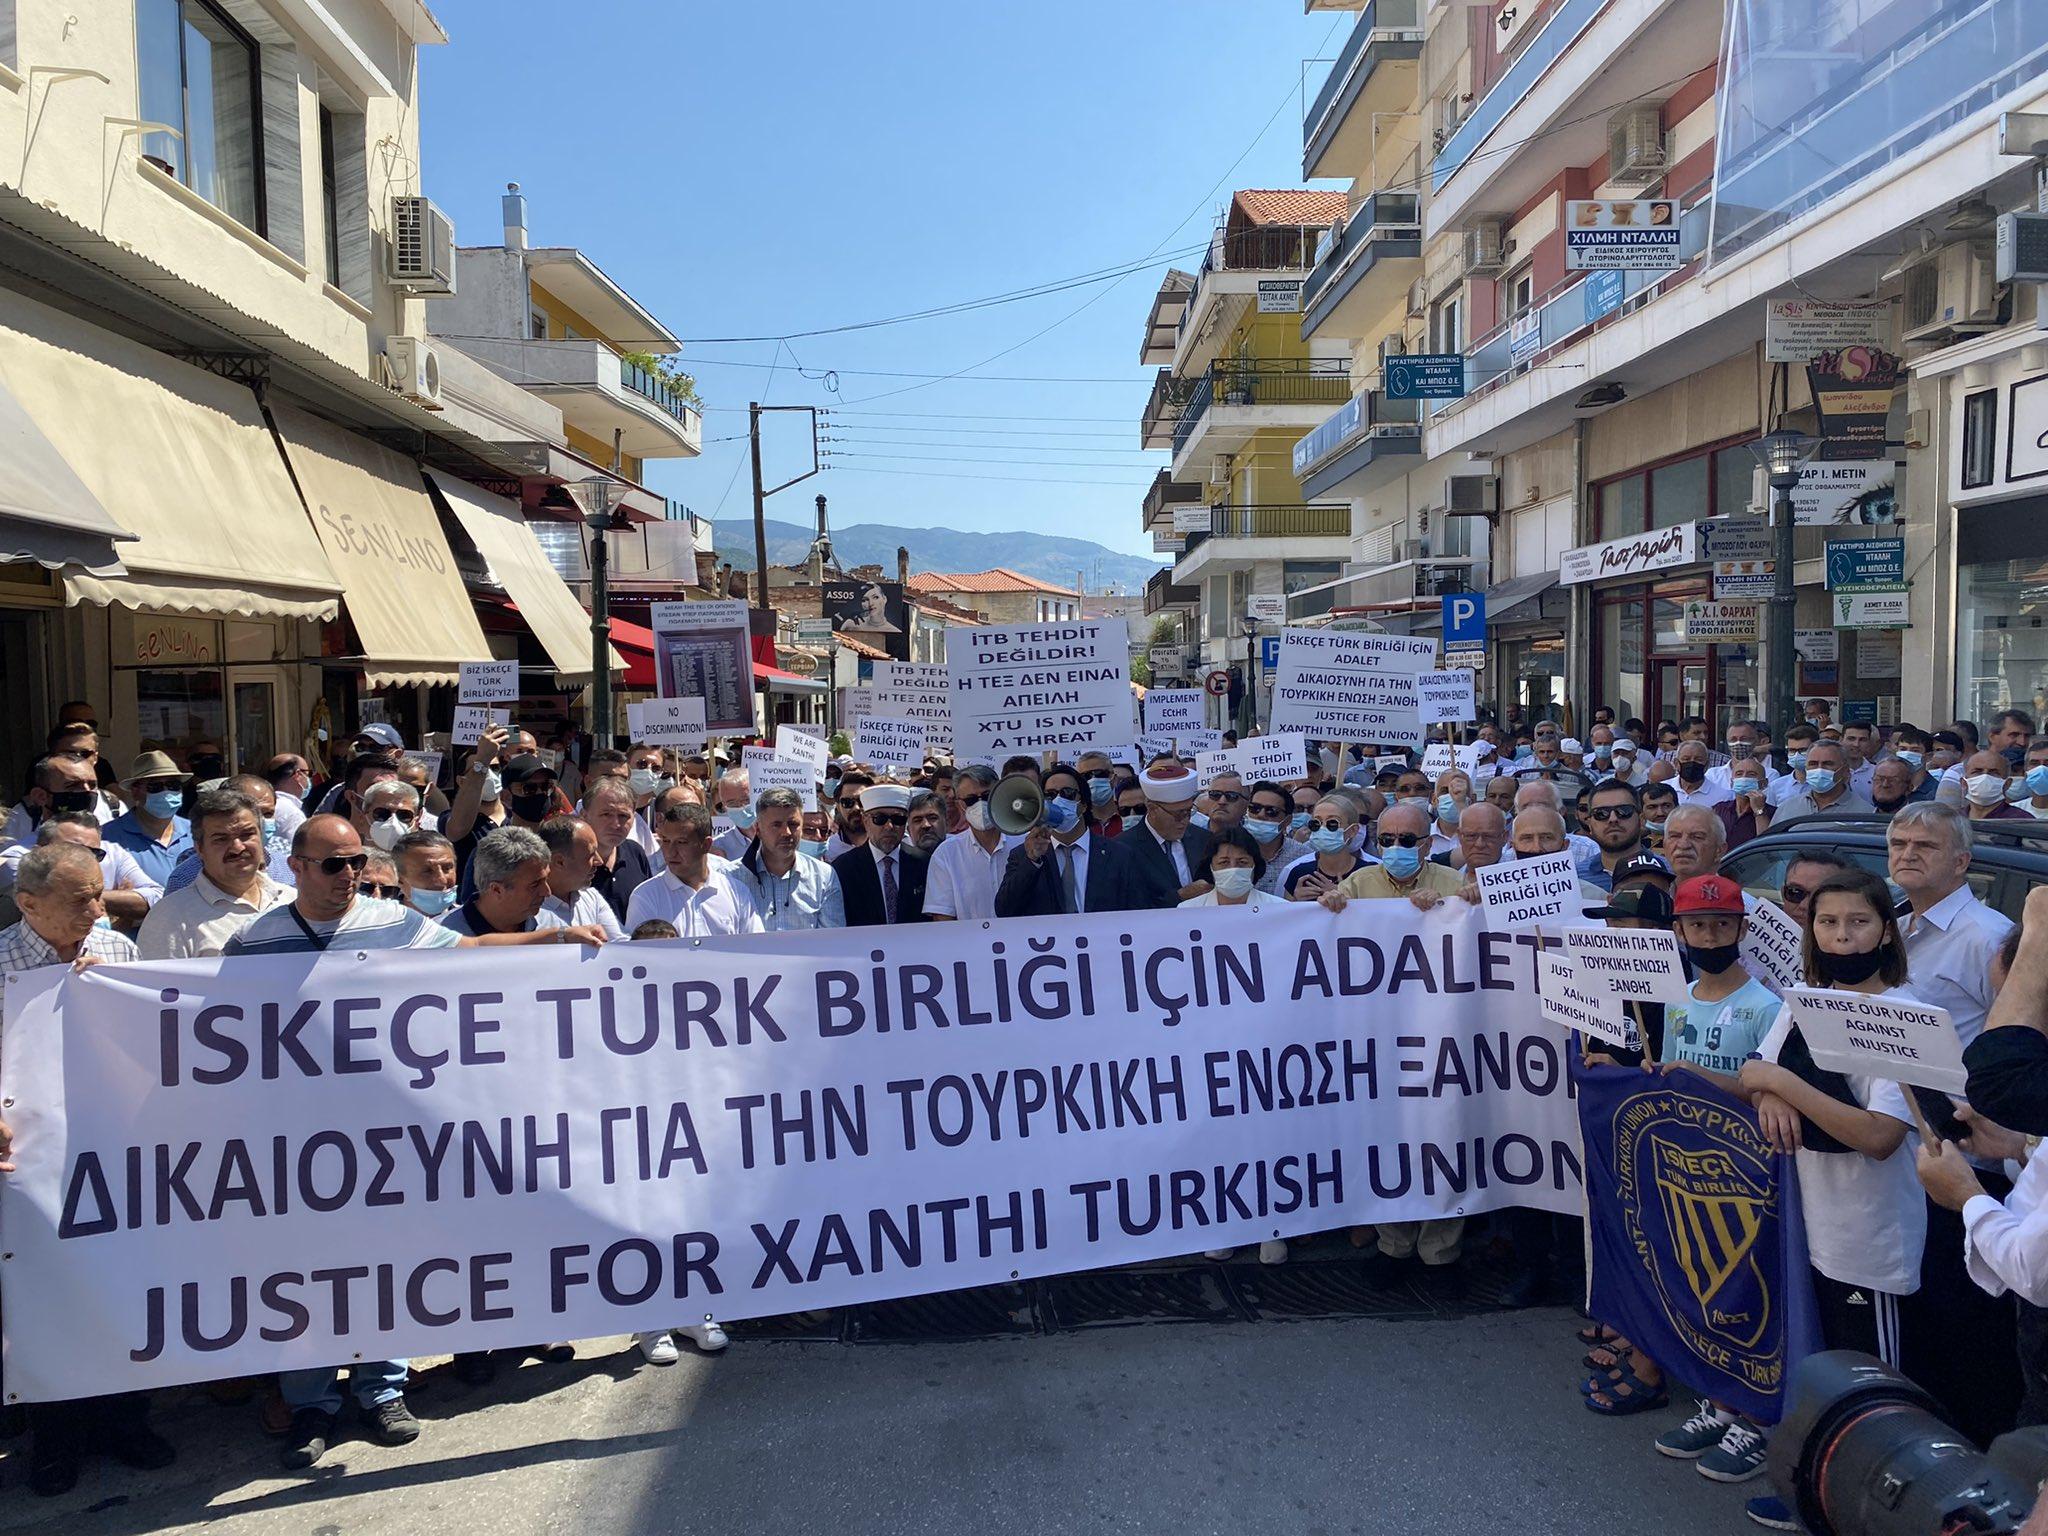 «Βράζουν» στην Ξάνθη για την «Τουρκική Ένωση» – Διαμαρτυρία και πορεία στους δρόμους